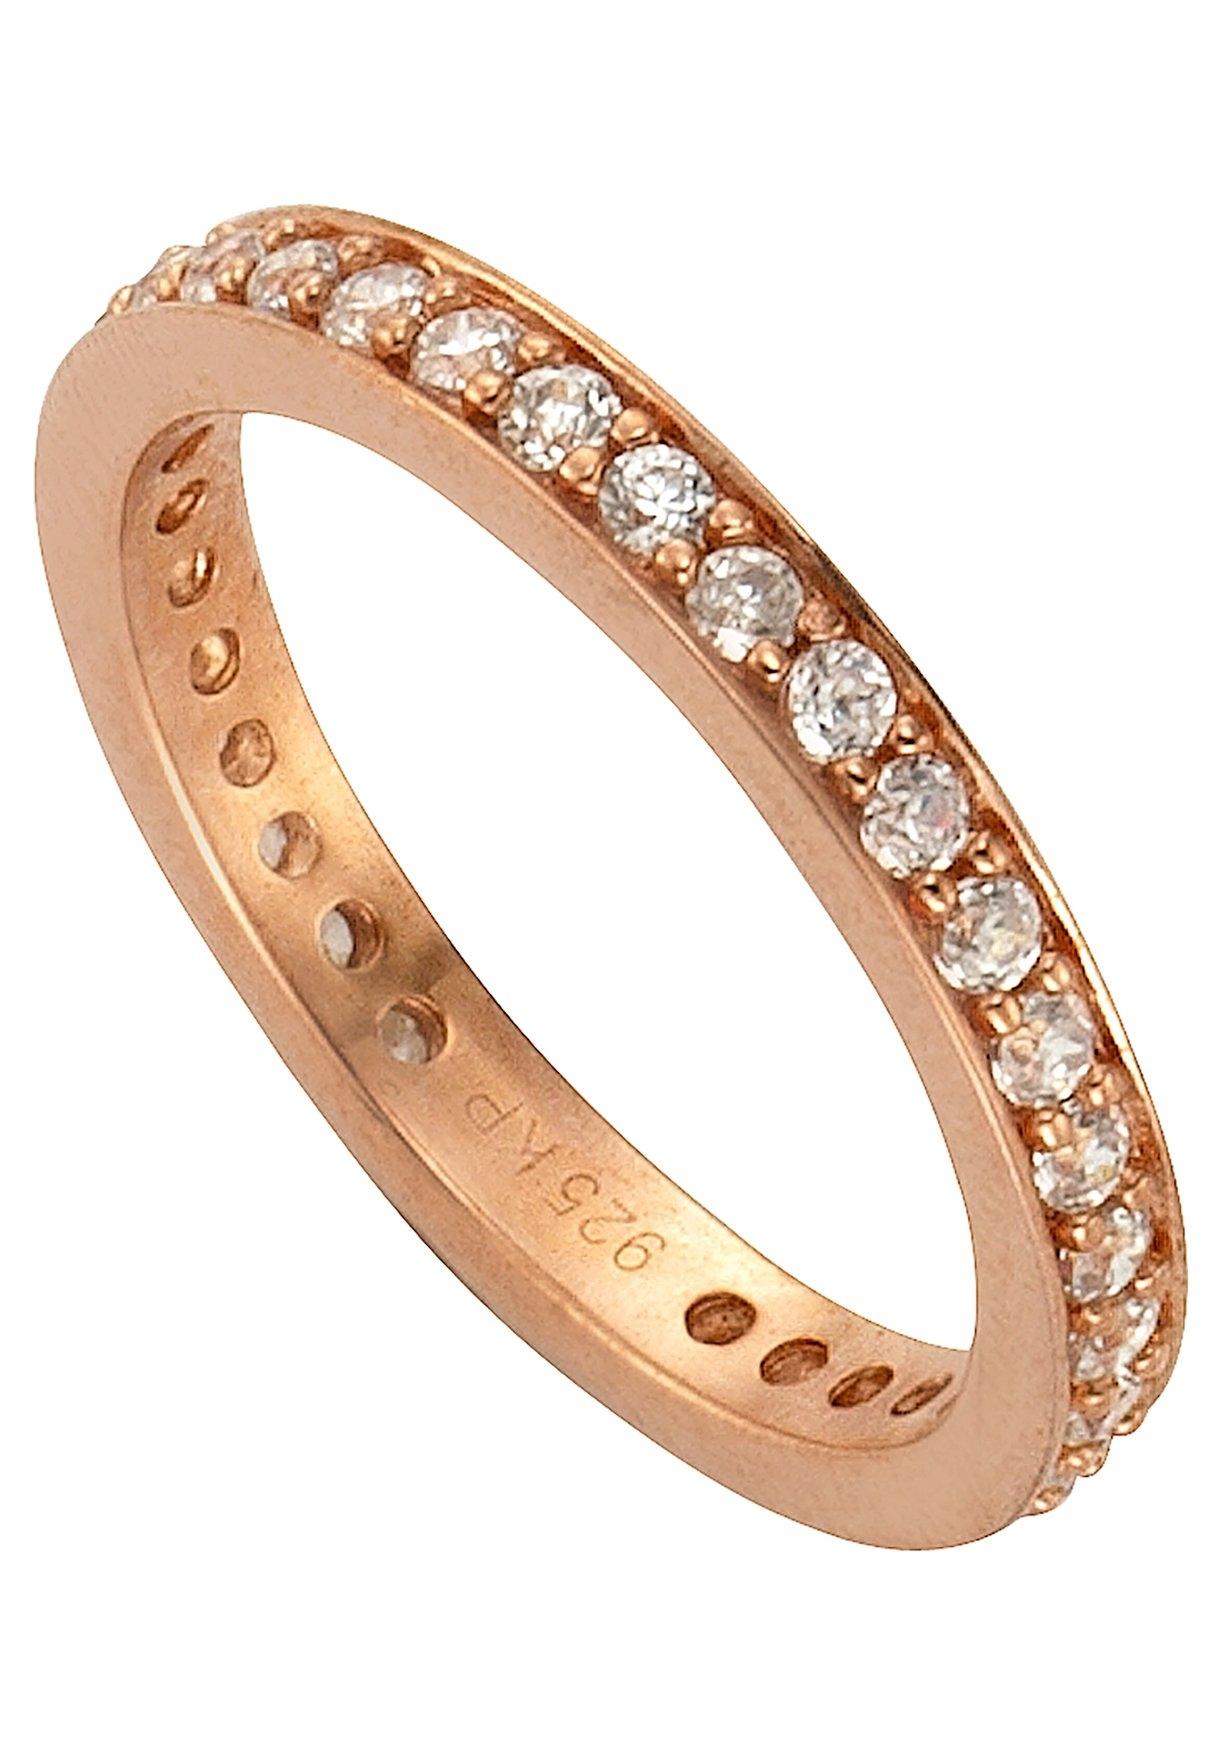 Firetti zilveren ring Memoire, schitterend rozeverguld, 3 mm met zirkoon - gratis ruilen op otto.nl